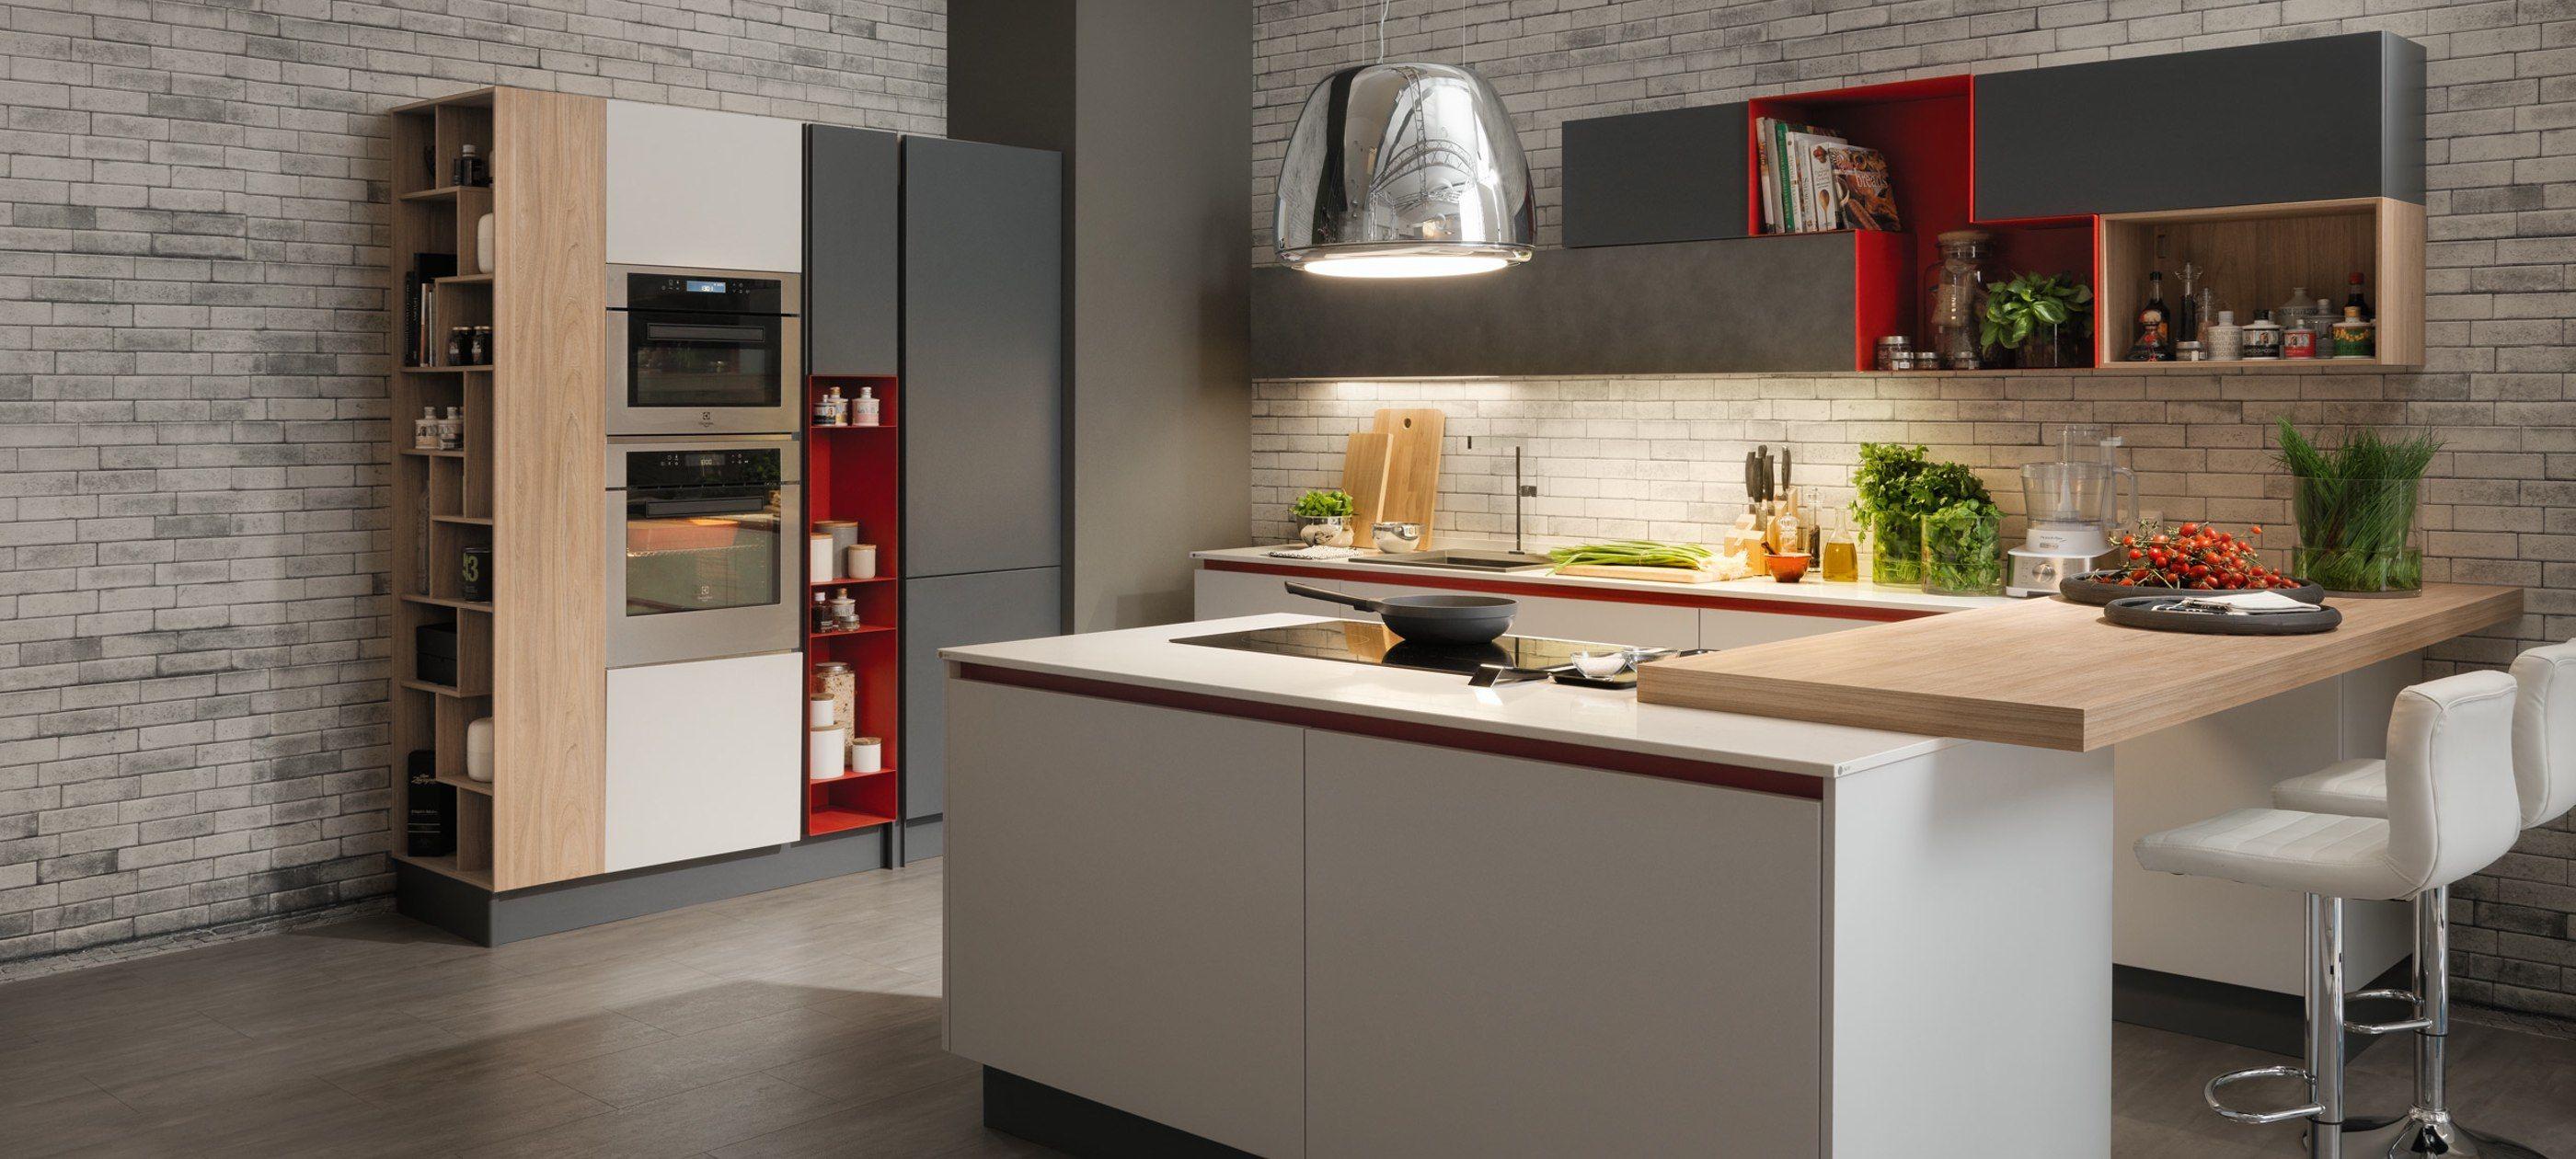 Cucine Moderne Stosa.Cucine Moderne Stosa Modello Cucina Aleve 03 Kuhni Kuhnya